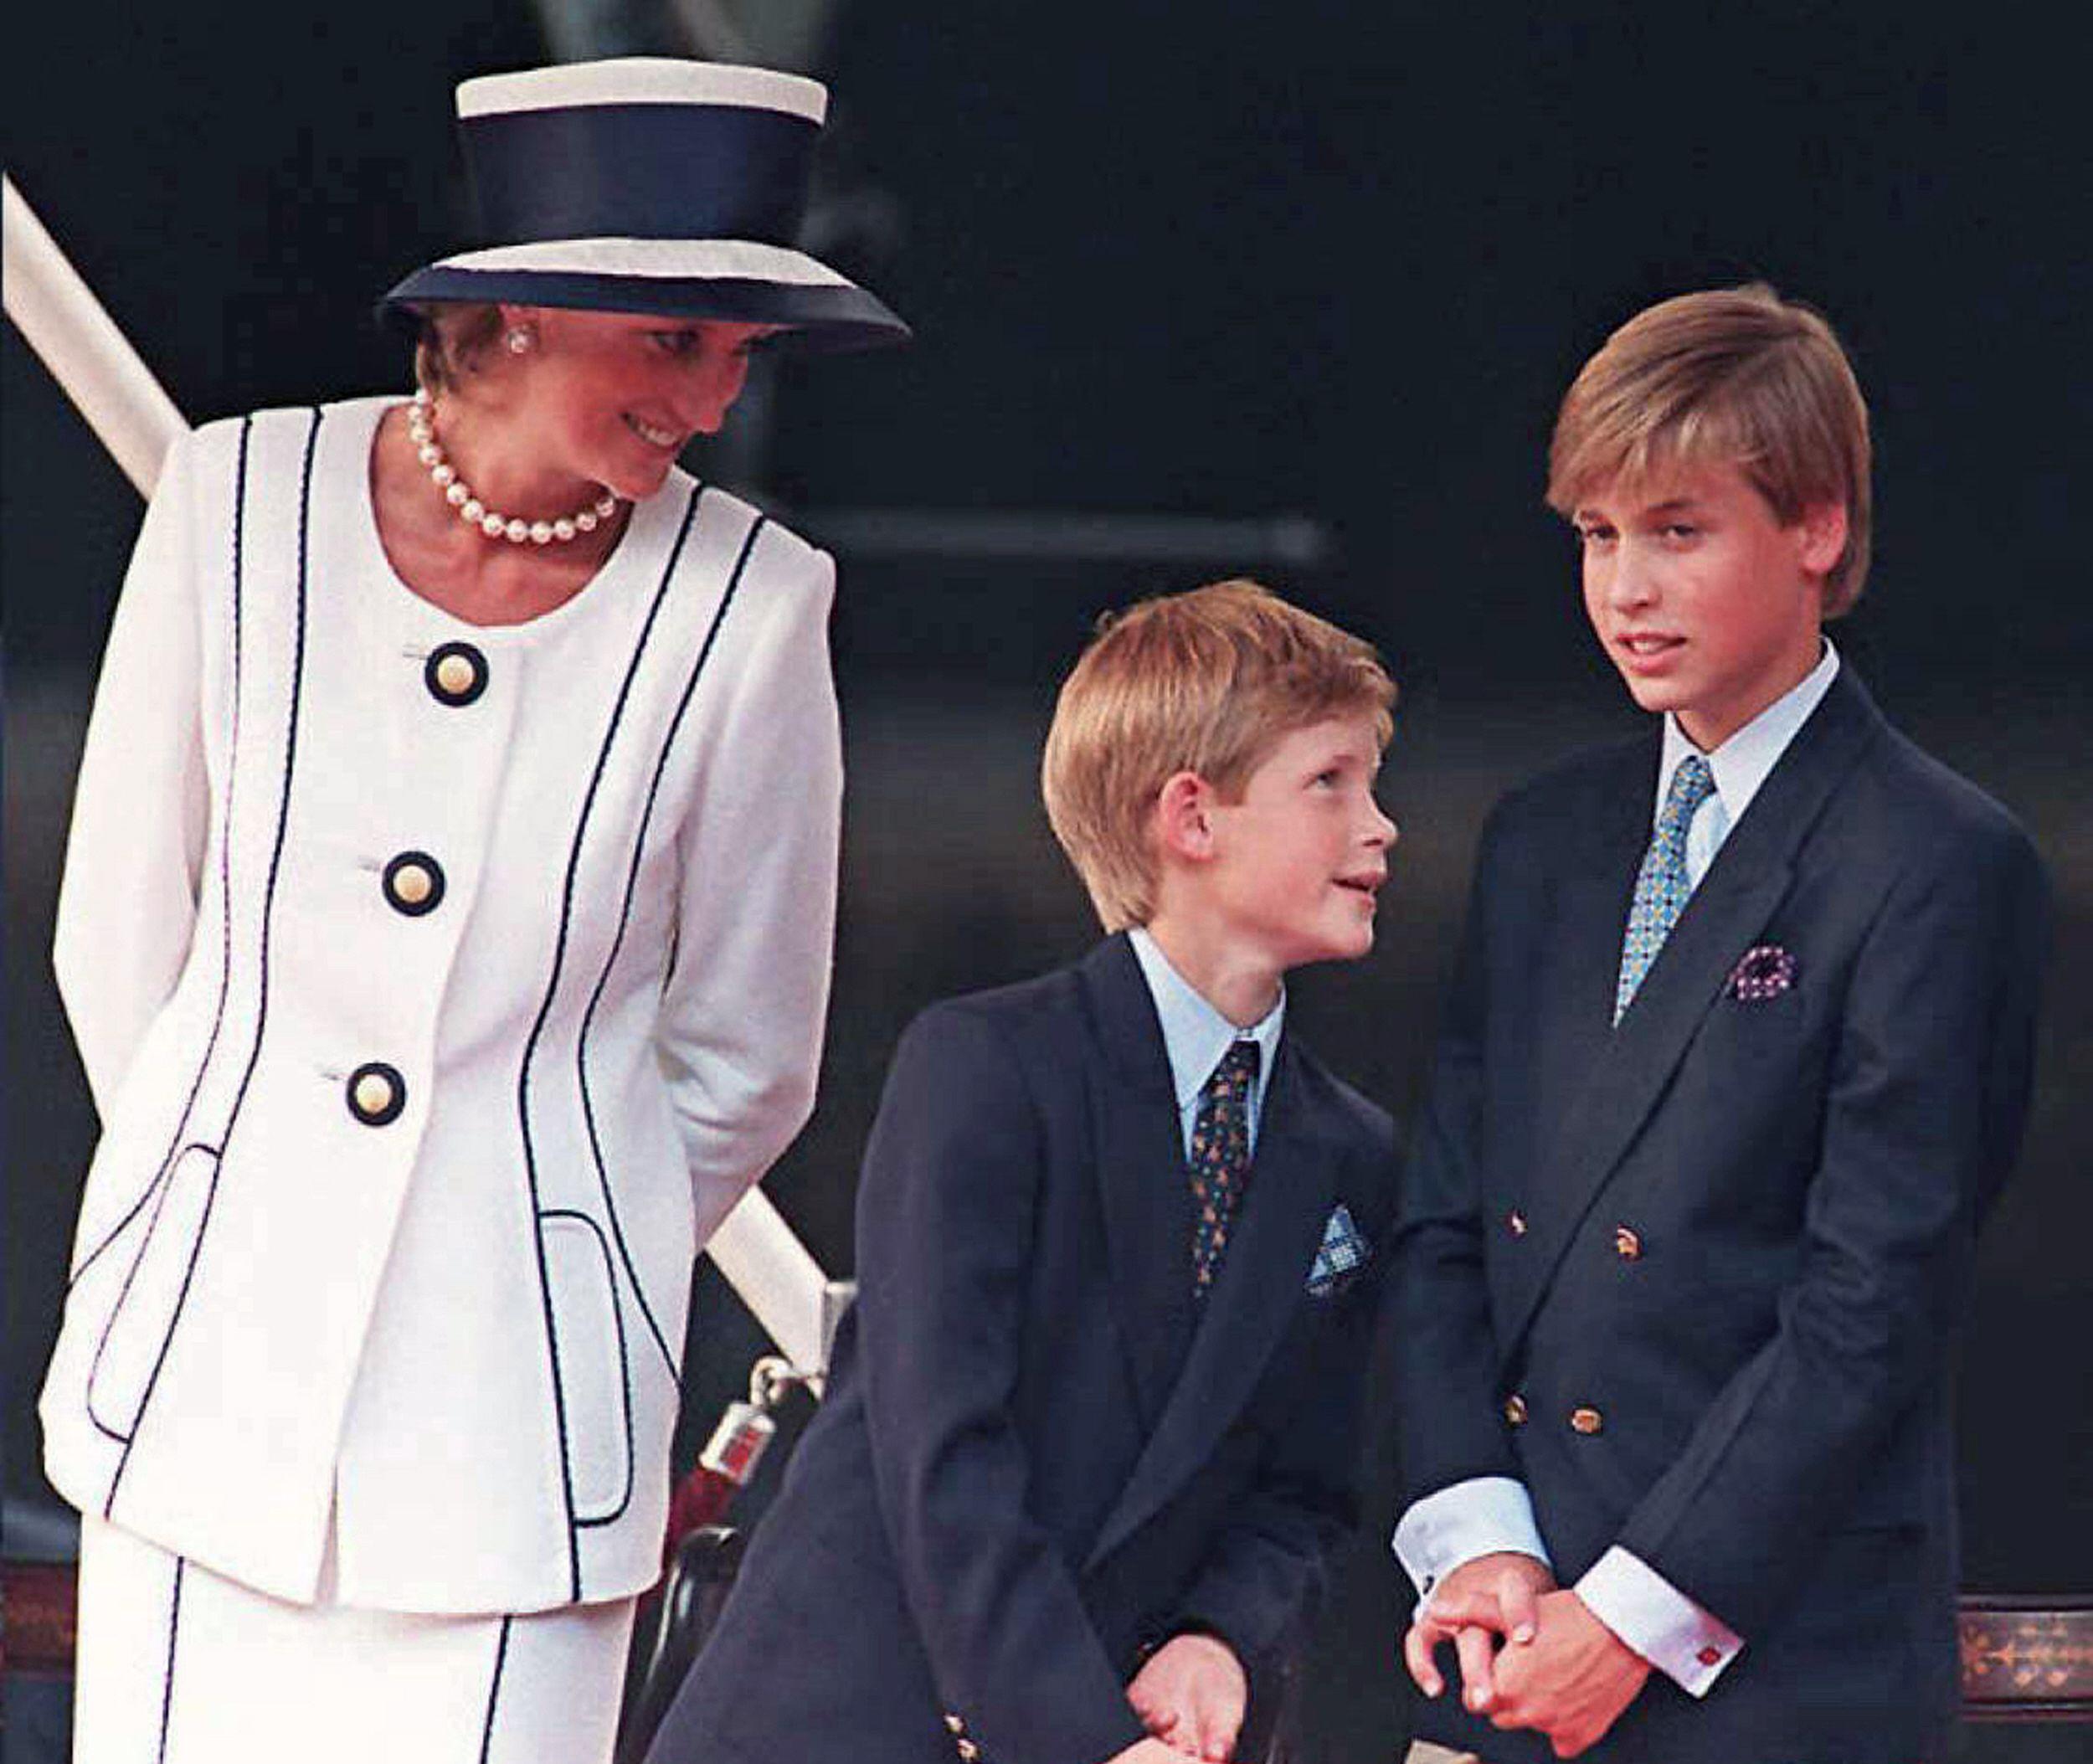 ديانا مع الأمير وليام وهاري في مشاركة ذكر استسلام اليابان عام 1995